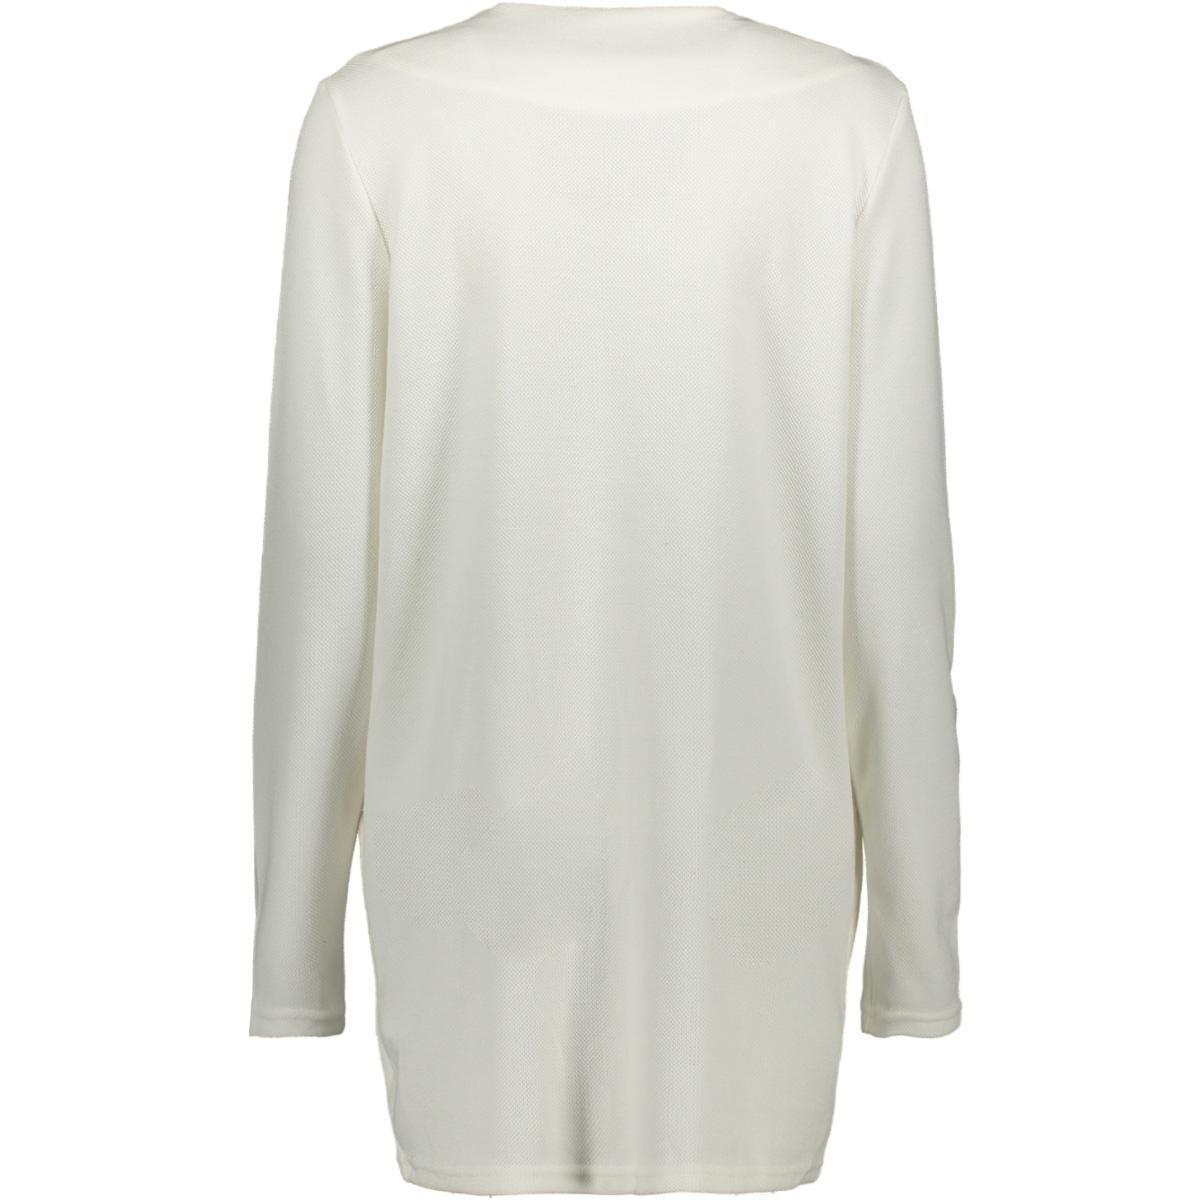 visavia l/s coatigan - fav 14056202 vila vest snow white